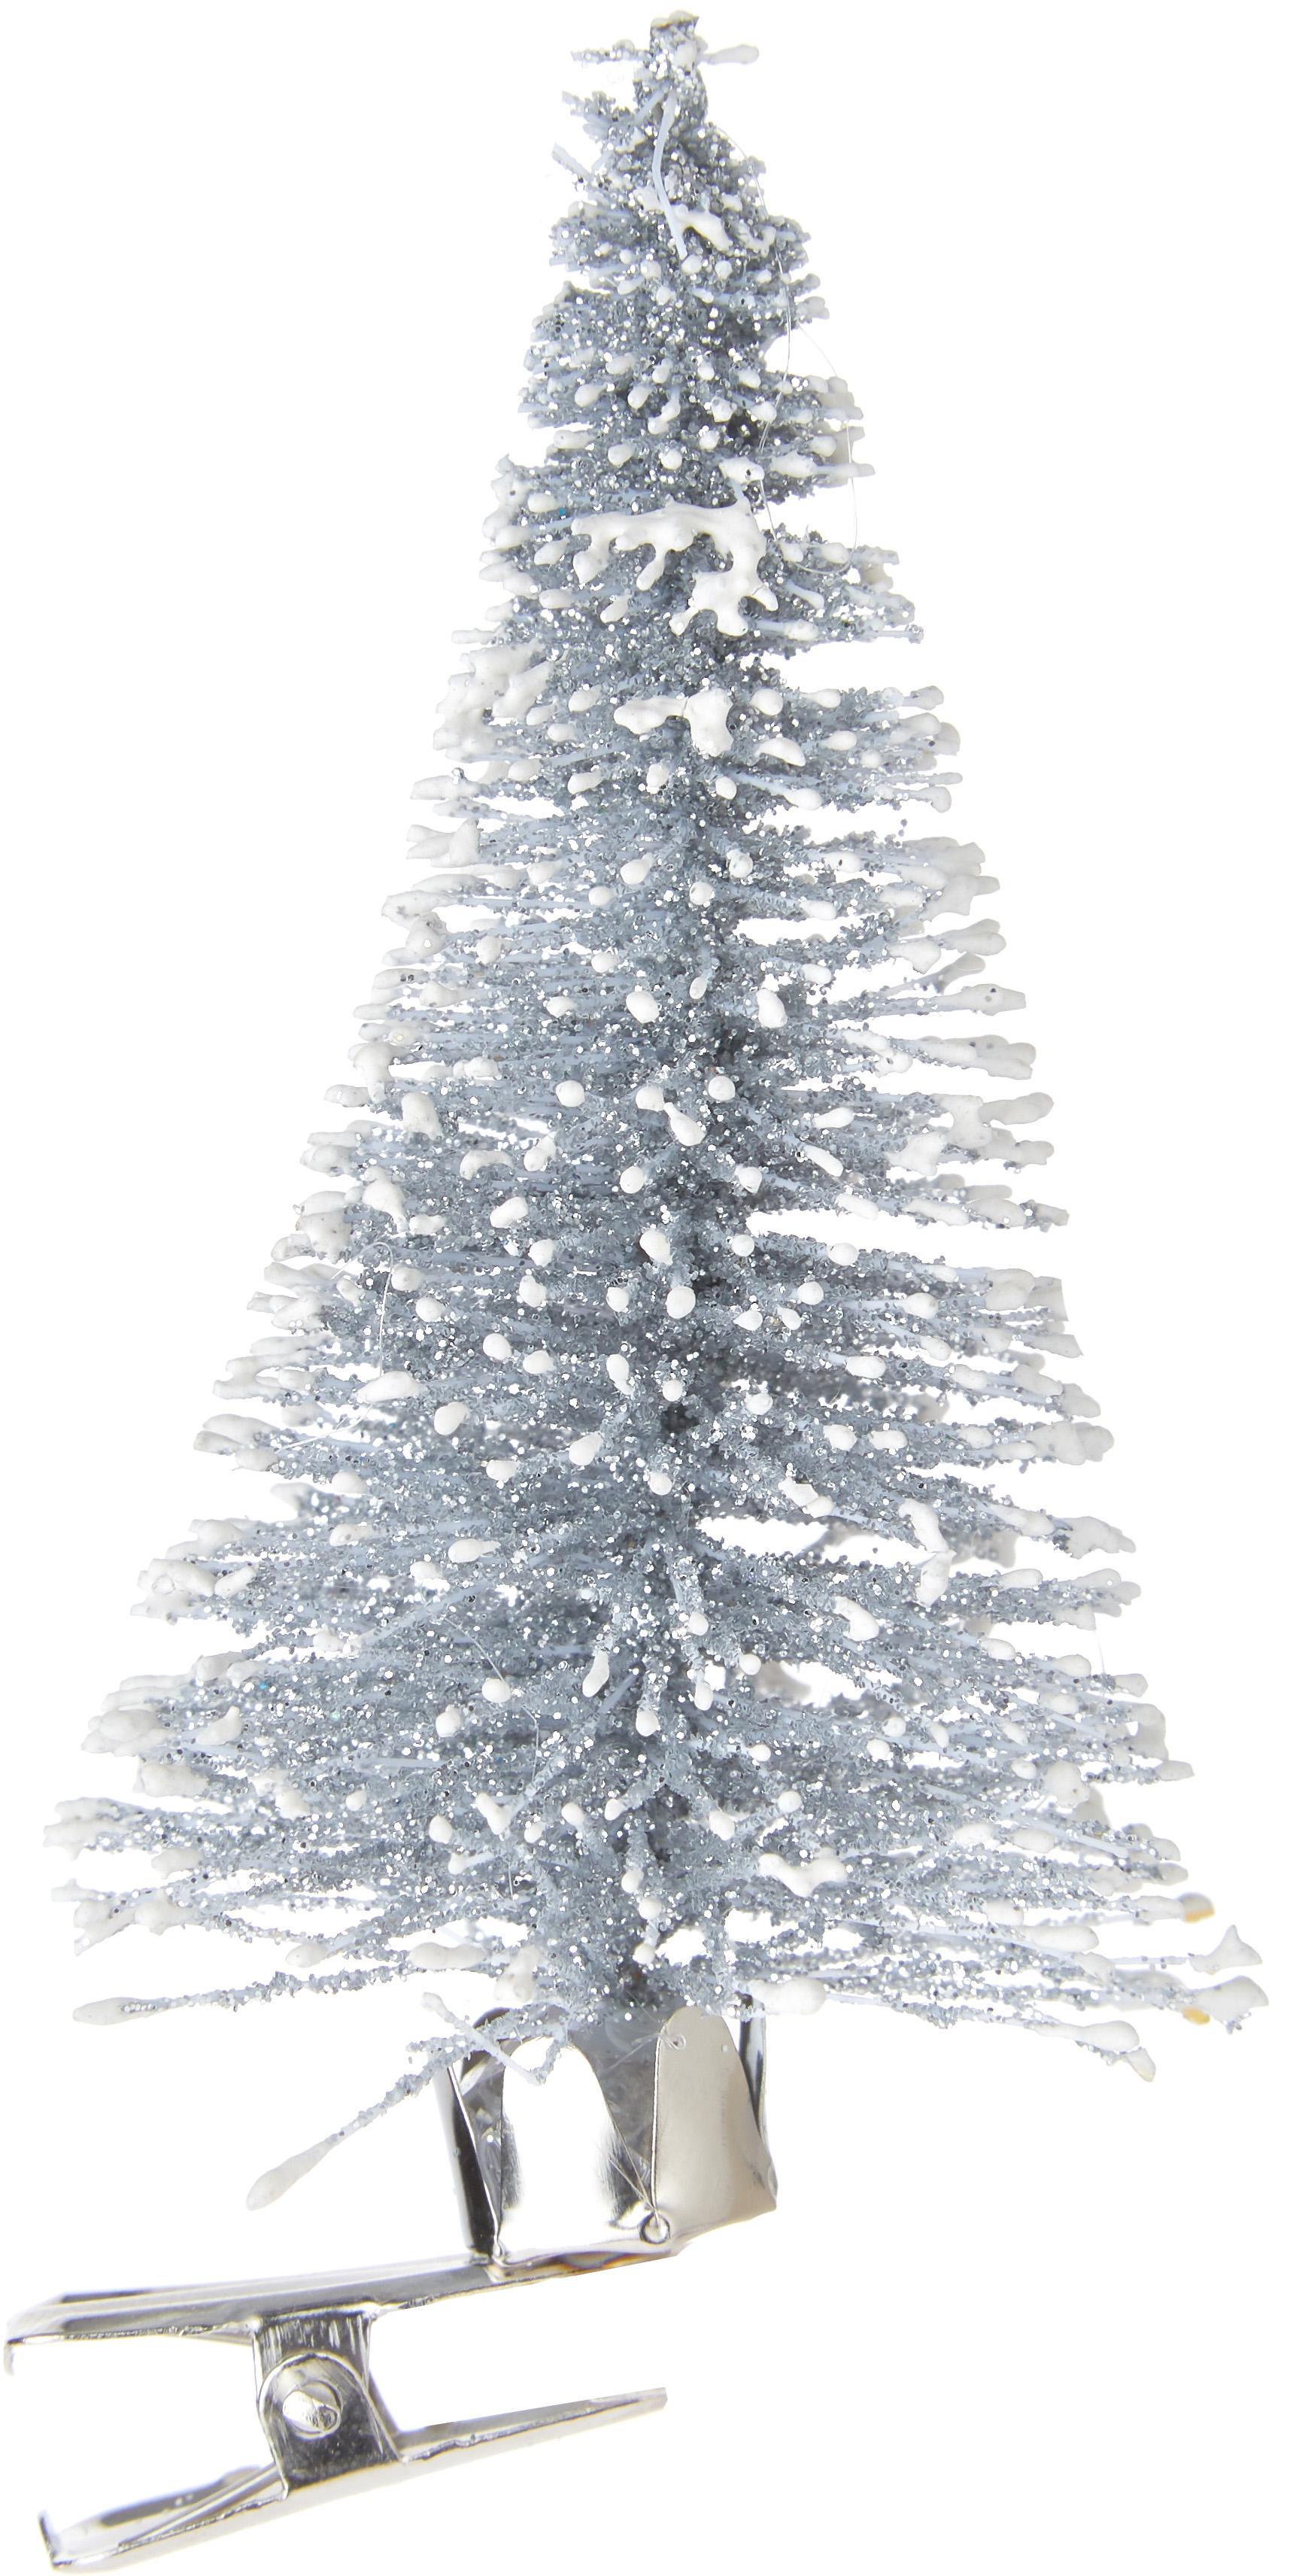 Baumanhänger mit Clip Felicia, Kunststoff (PE), Silberfarben, Ø 4 x H 9 cm